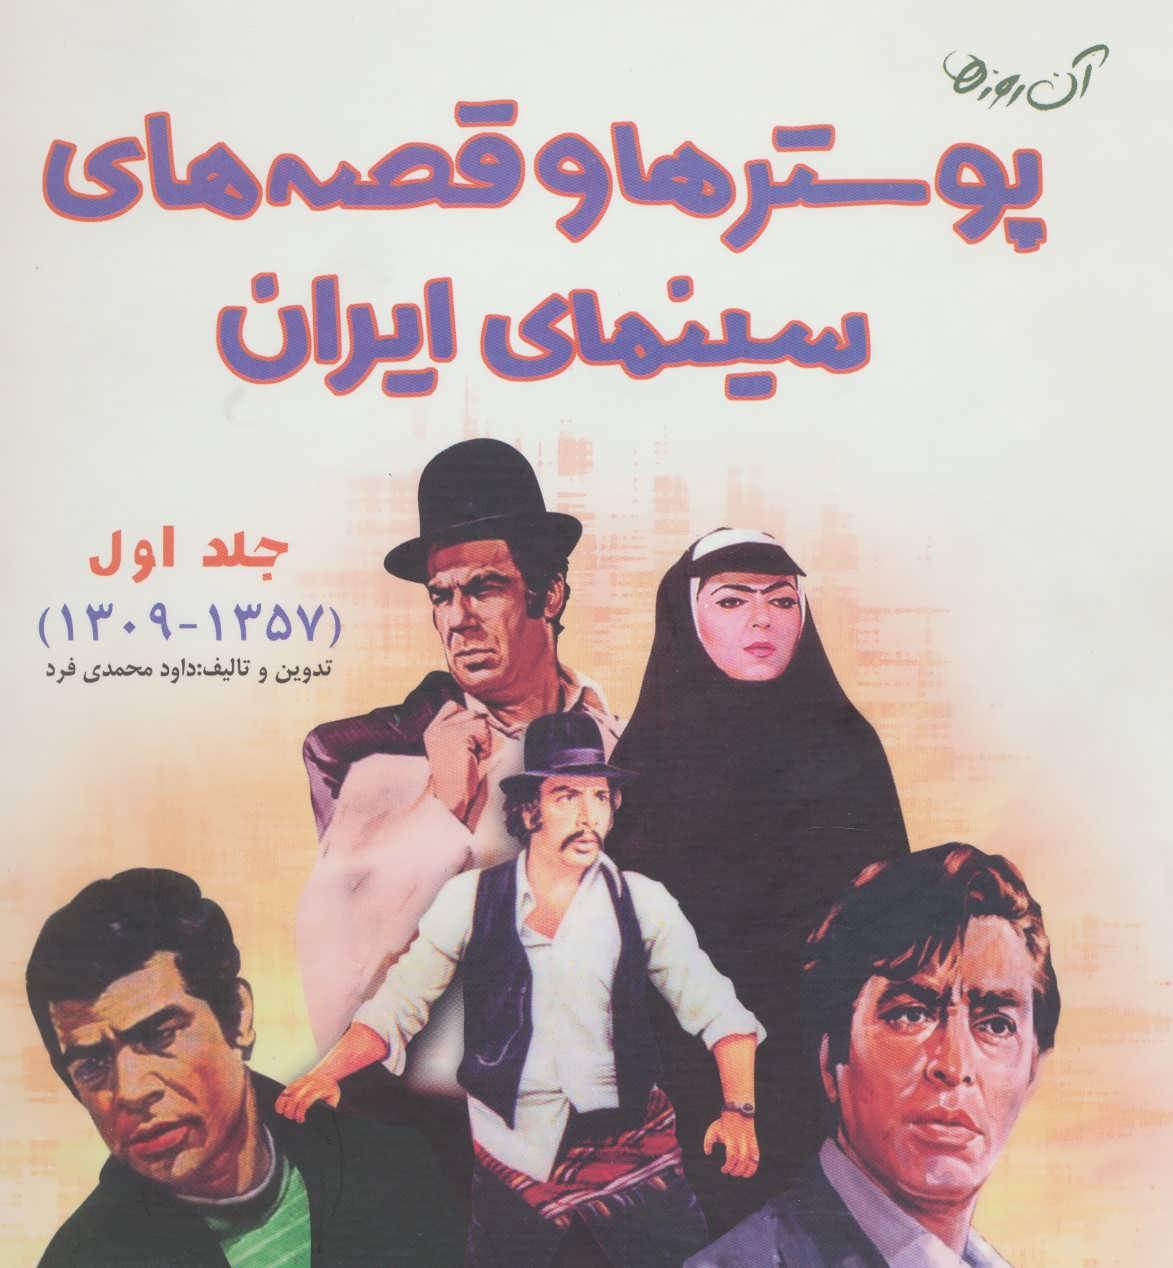 آن روزها (پوستر ها و قصه های سینمای ایران 1 (1357-1309))،(گلاسه)